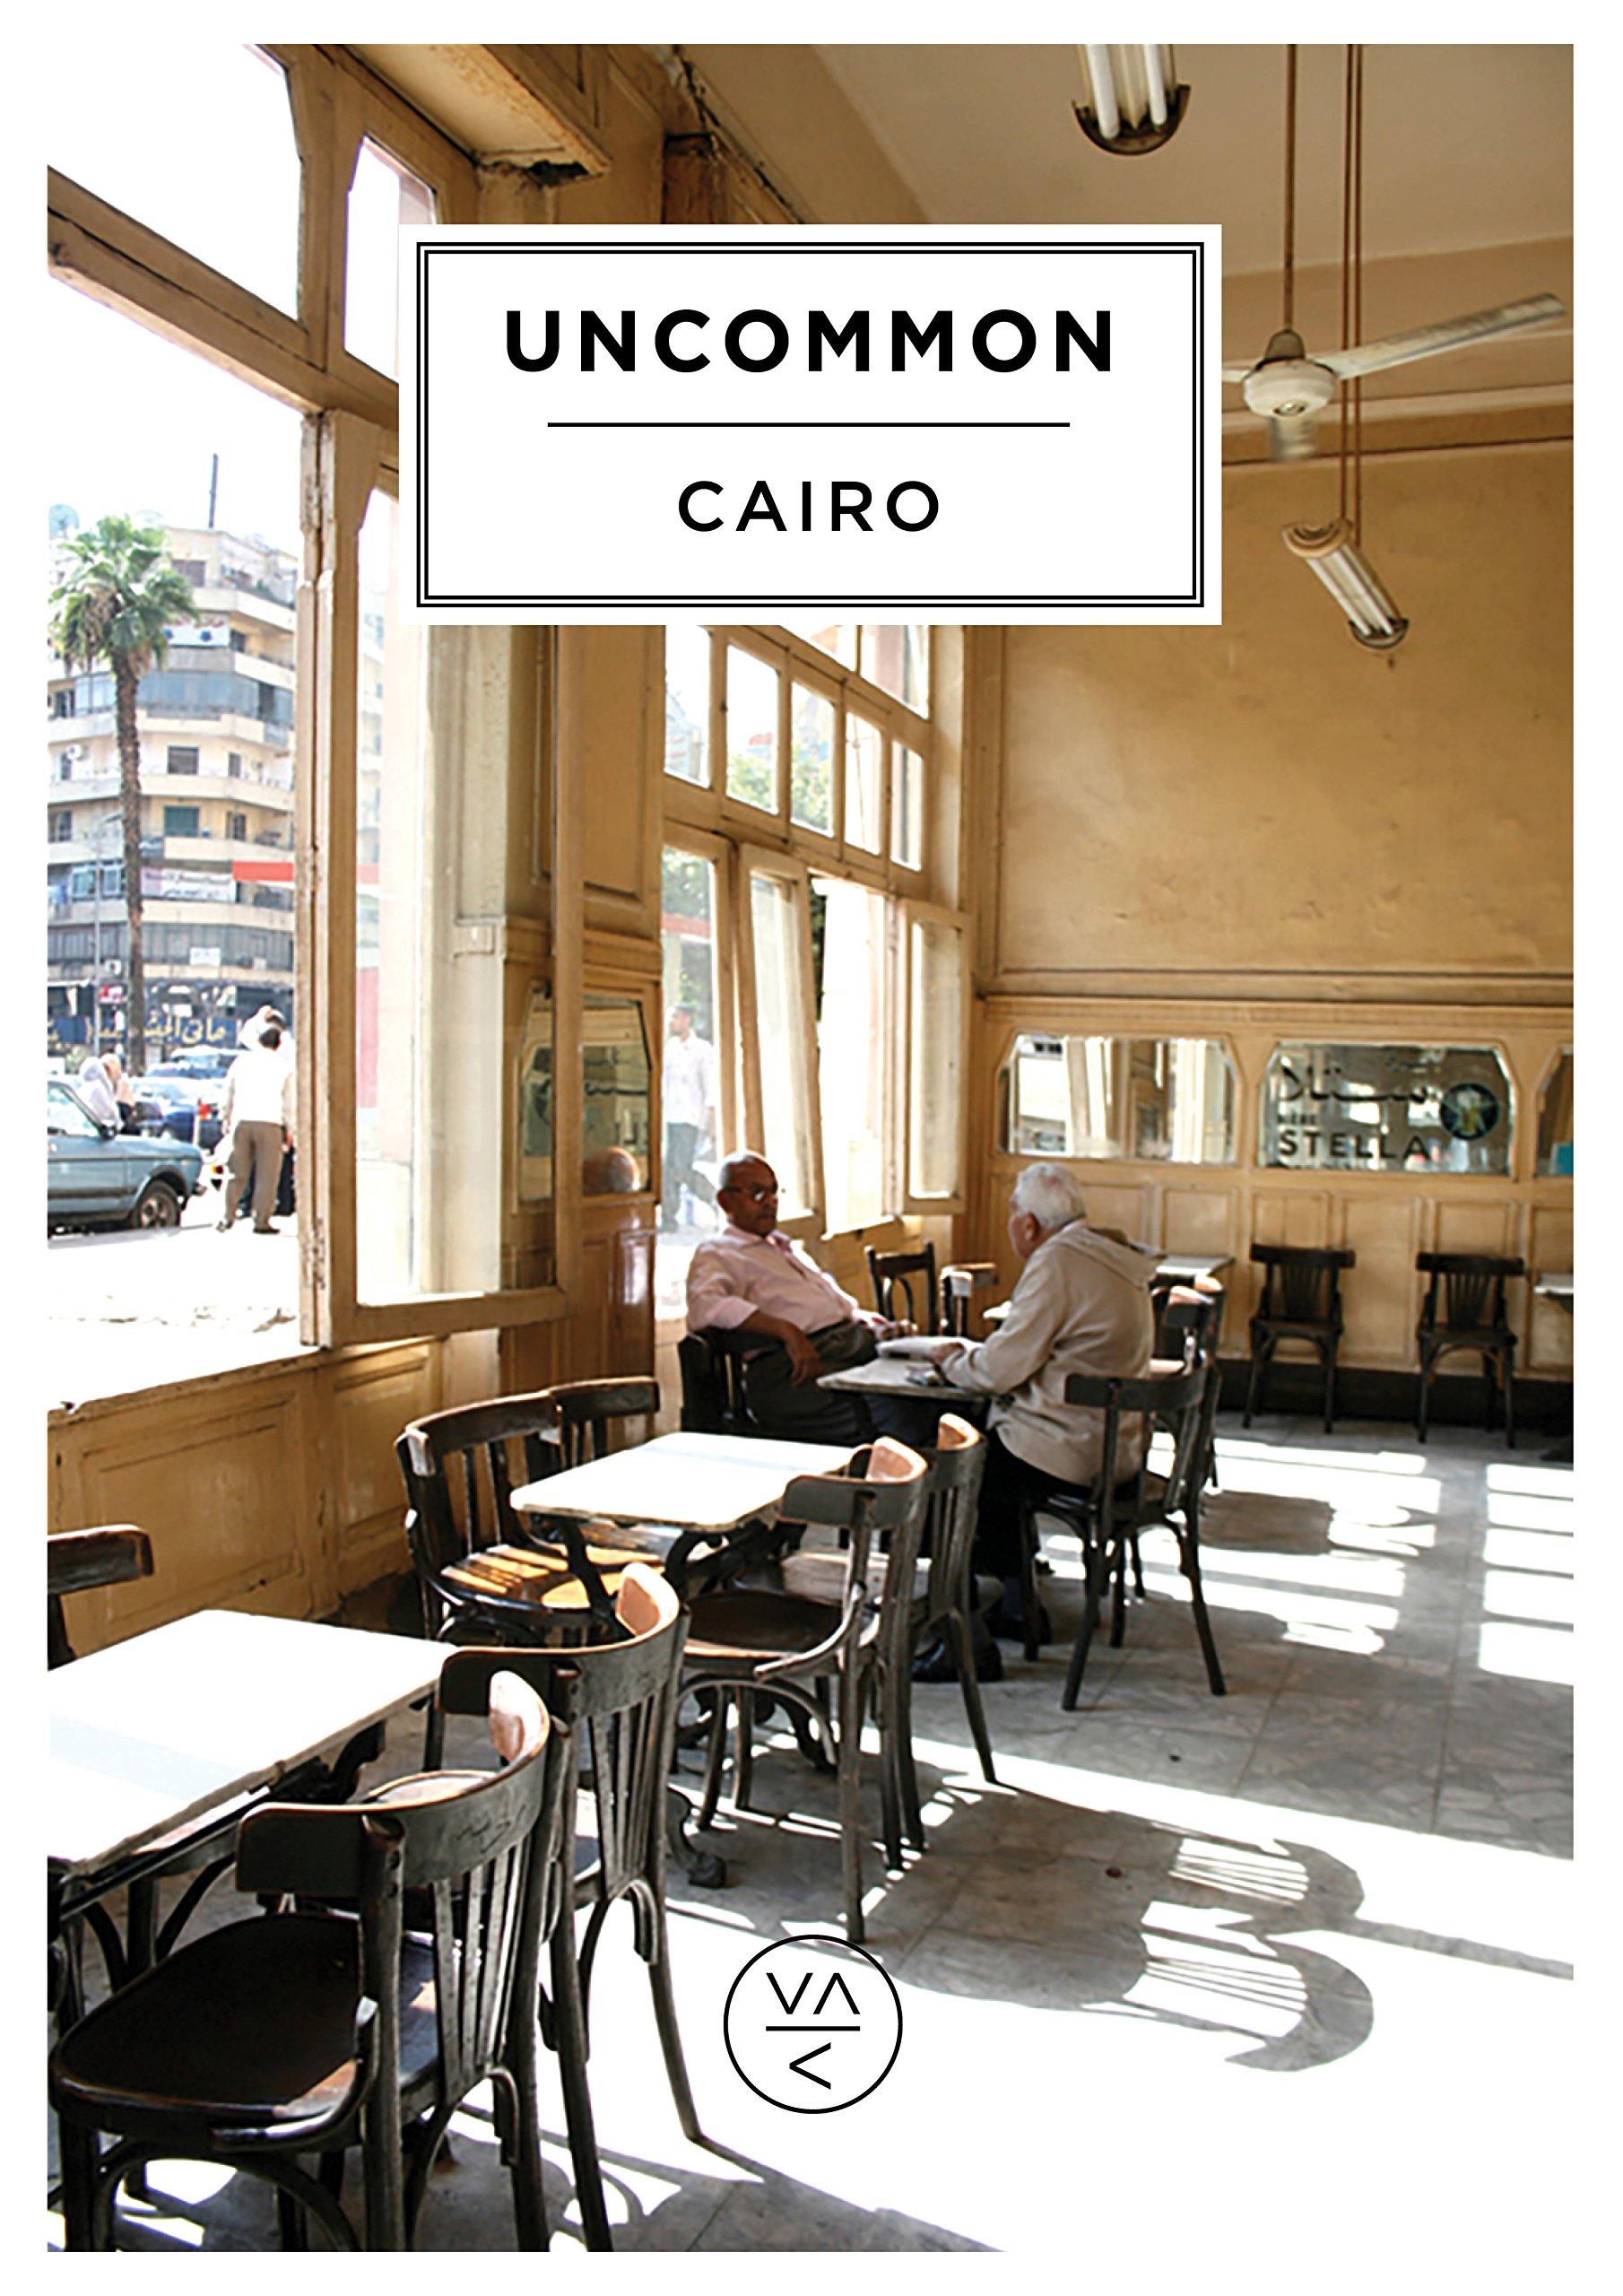 Uncommon Cairo